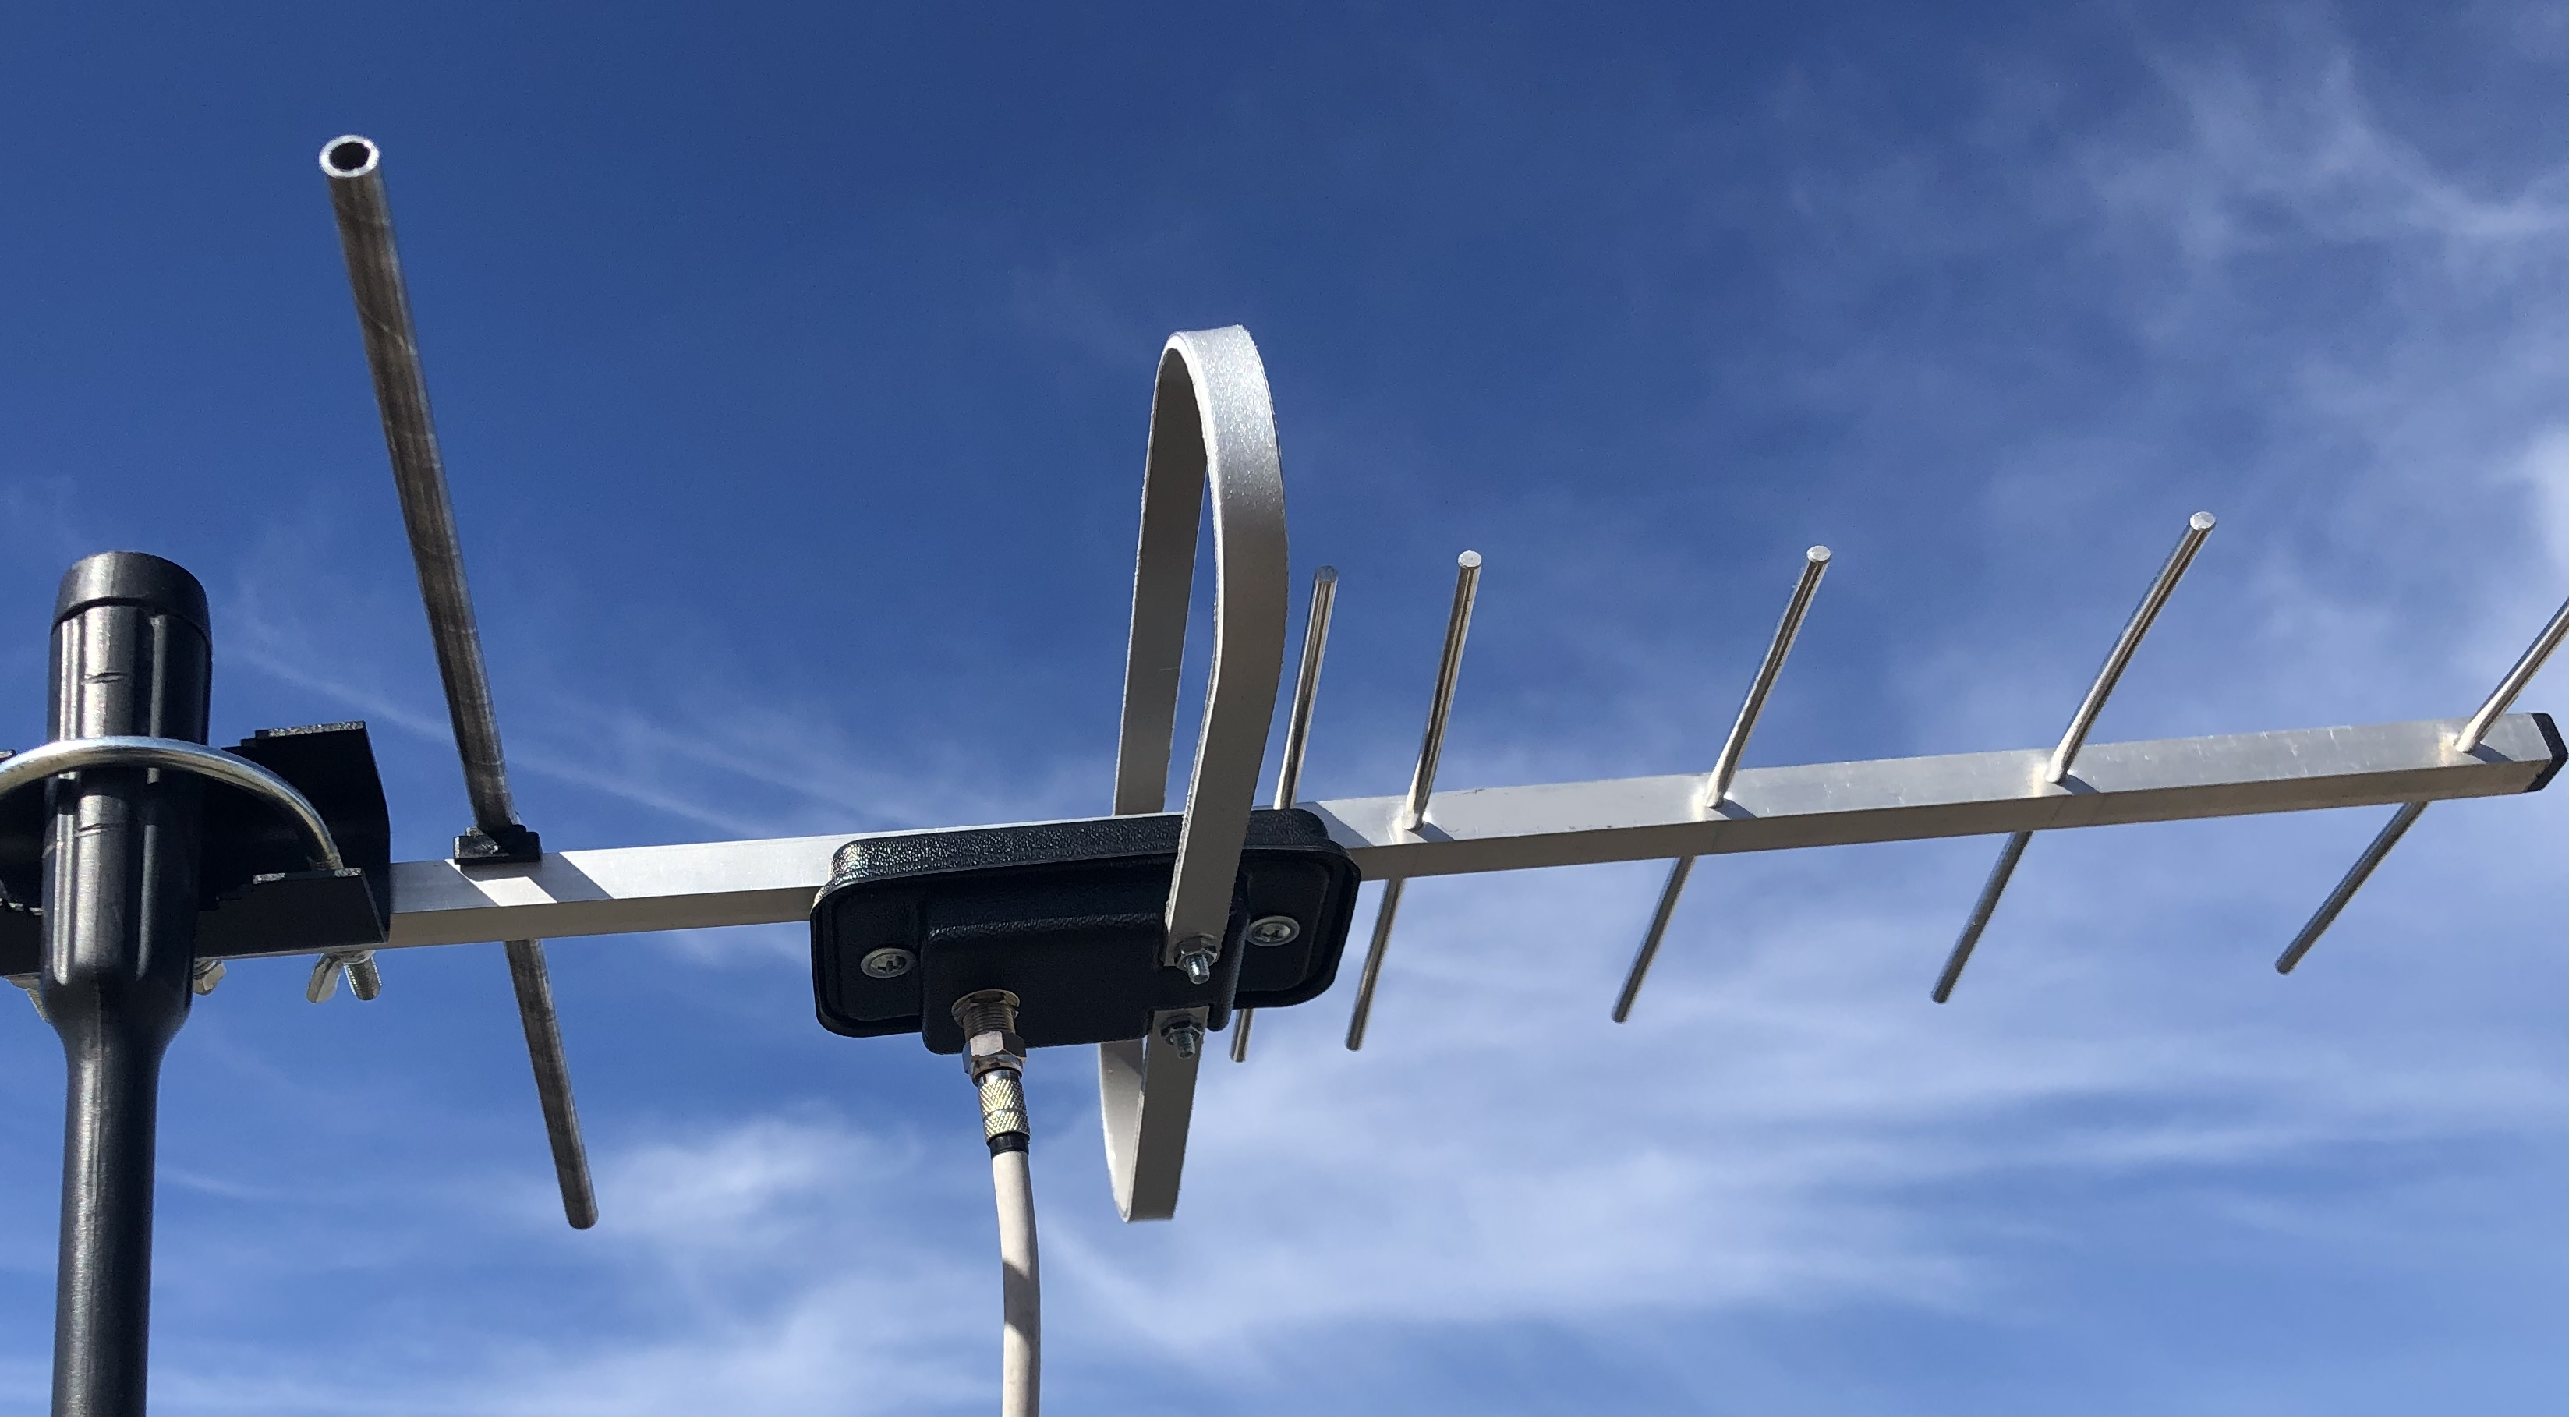 Какую ТВ антенну купить для 40 км дальности до ретранслятора?